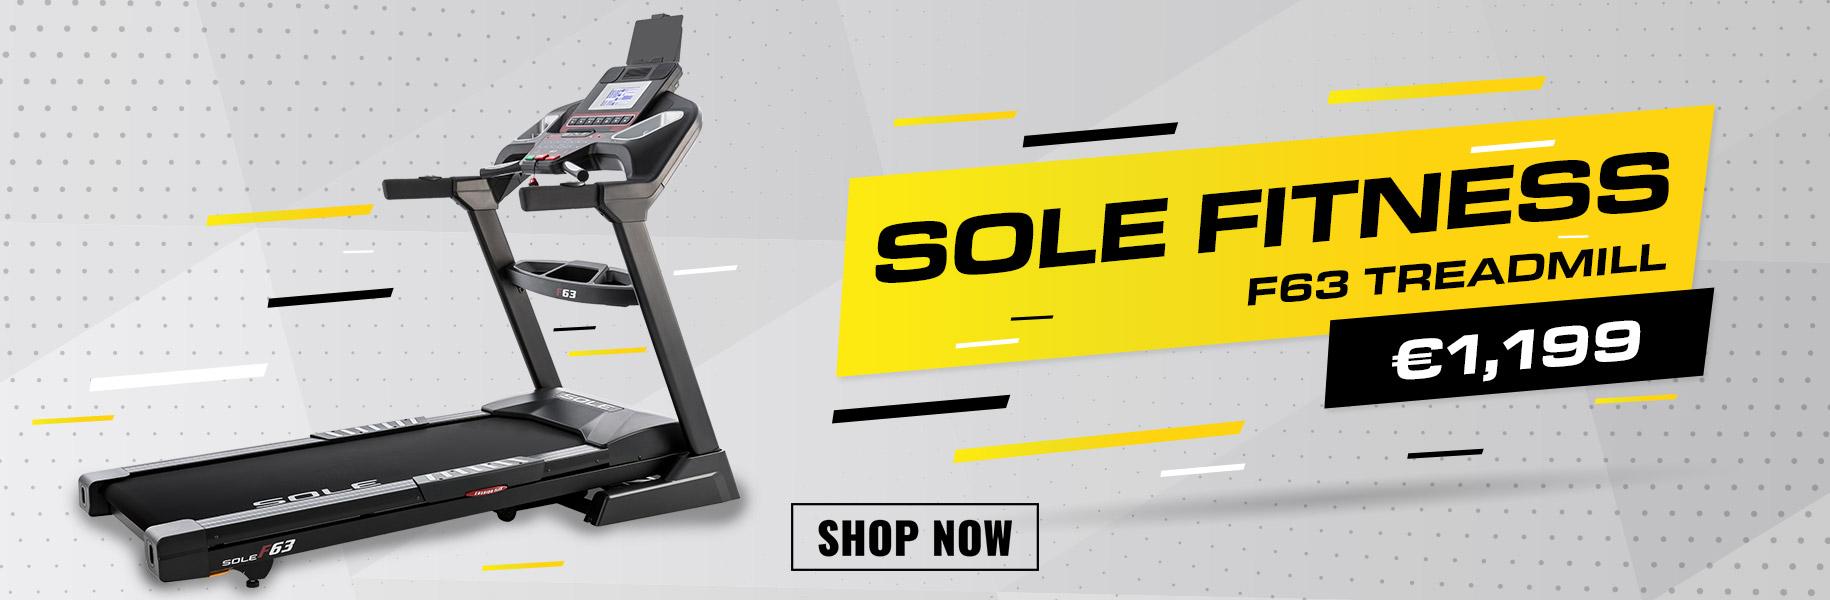 Sole F63 Treadmill Image